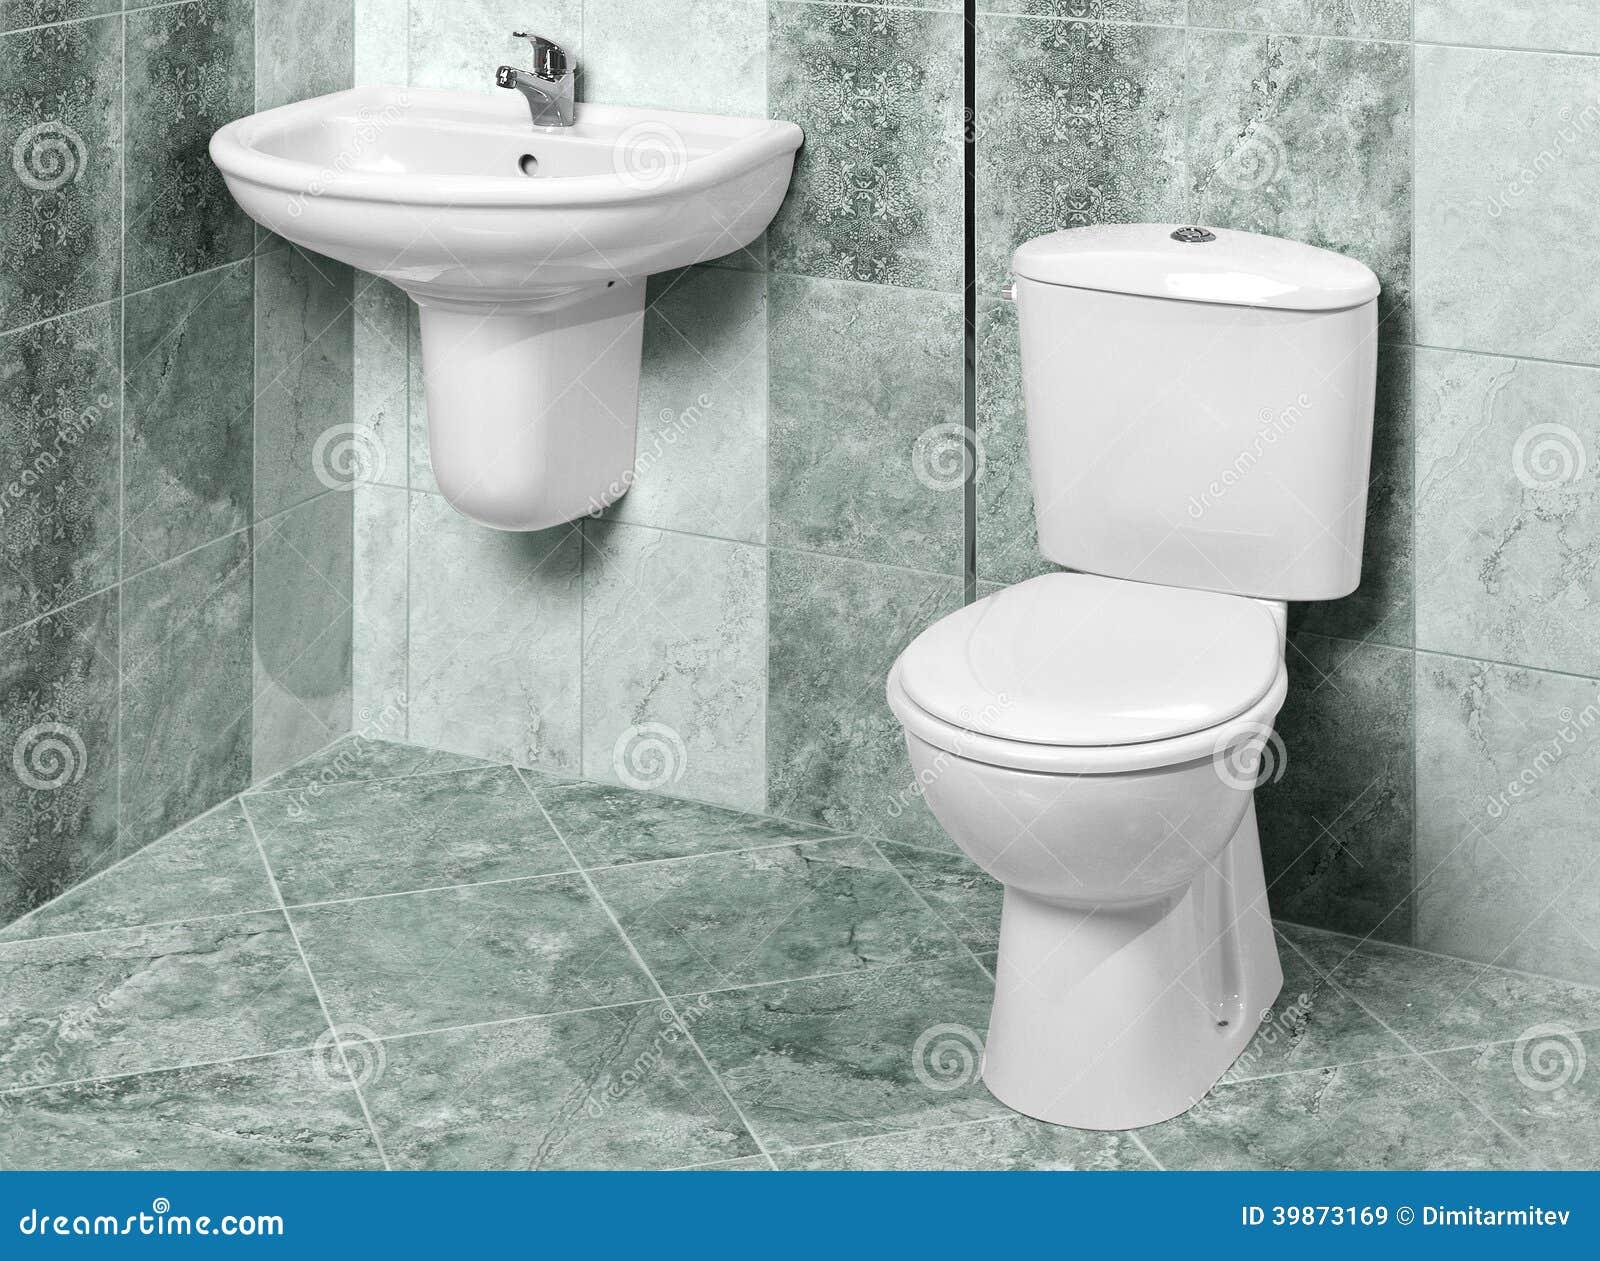 Baños Modernos Marmol: : Detalle de un interior moderno del cuarto de baño en mármol verde